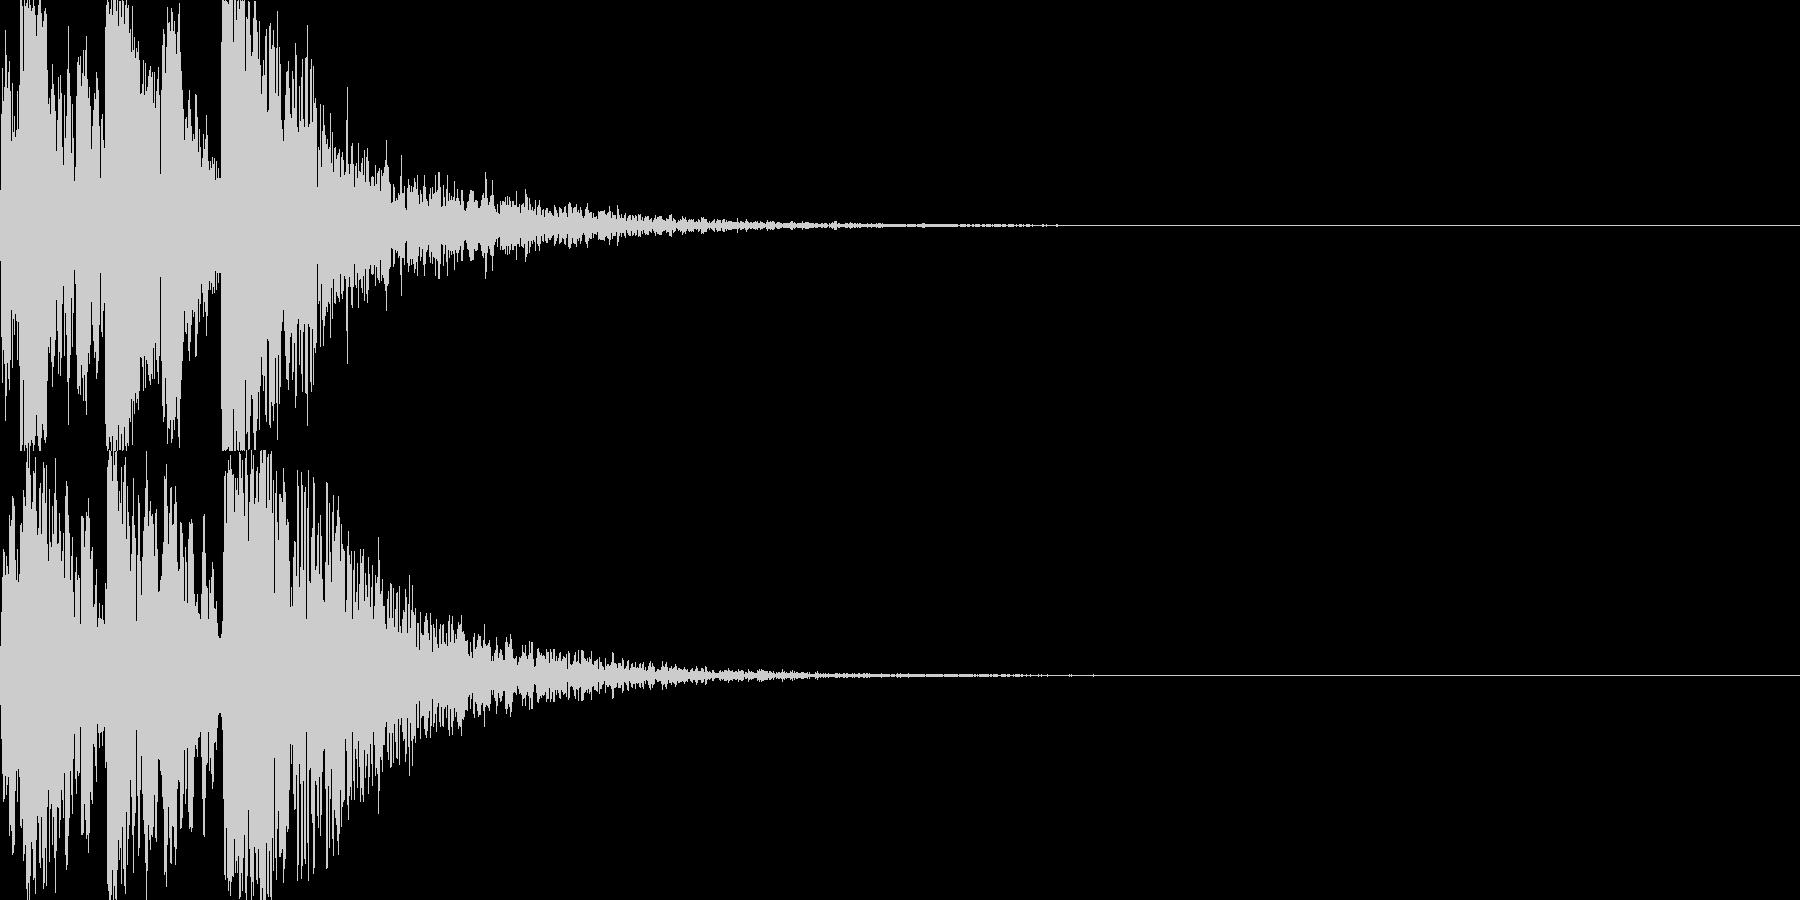 鼓(つづみ)太鼓のフレーズ ジングル3sの未再生の波形